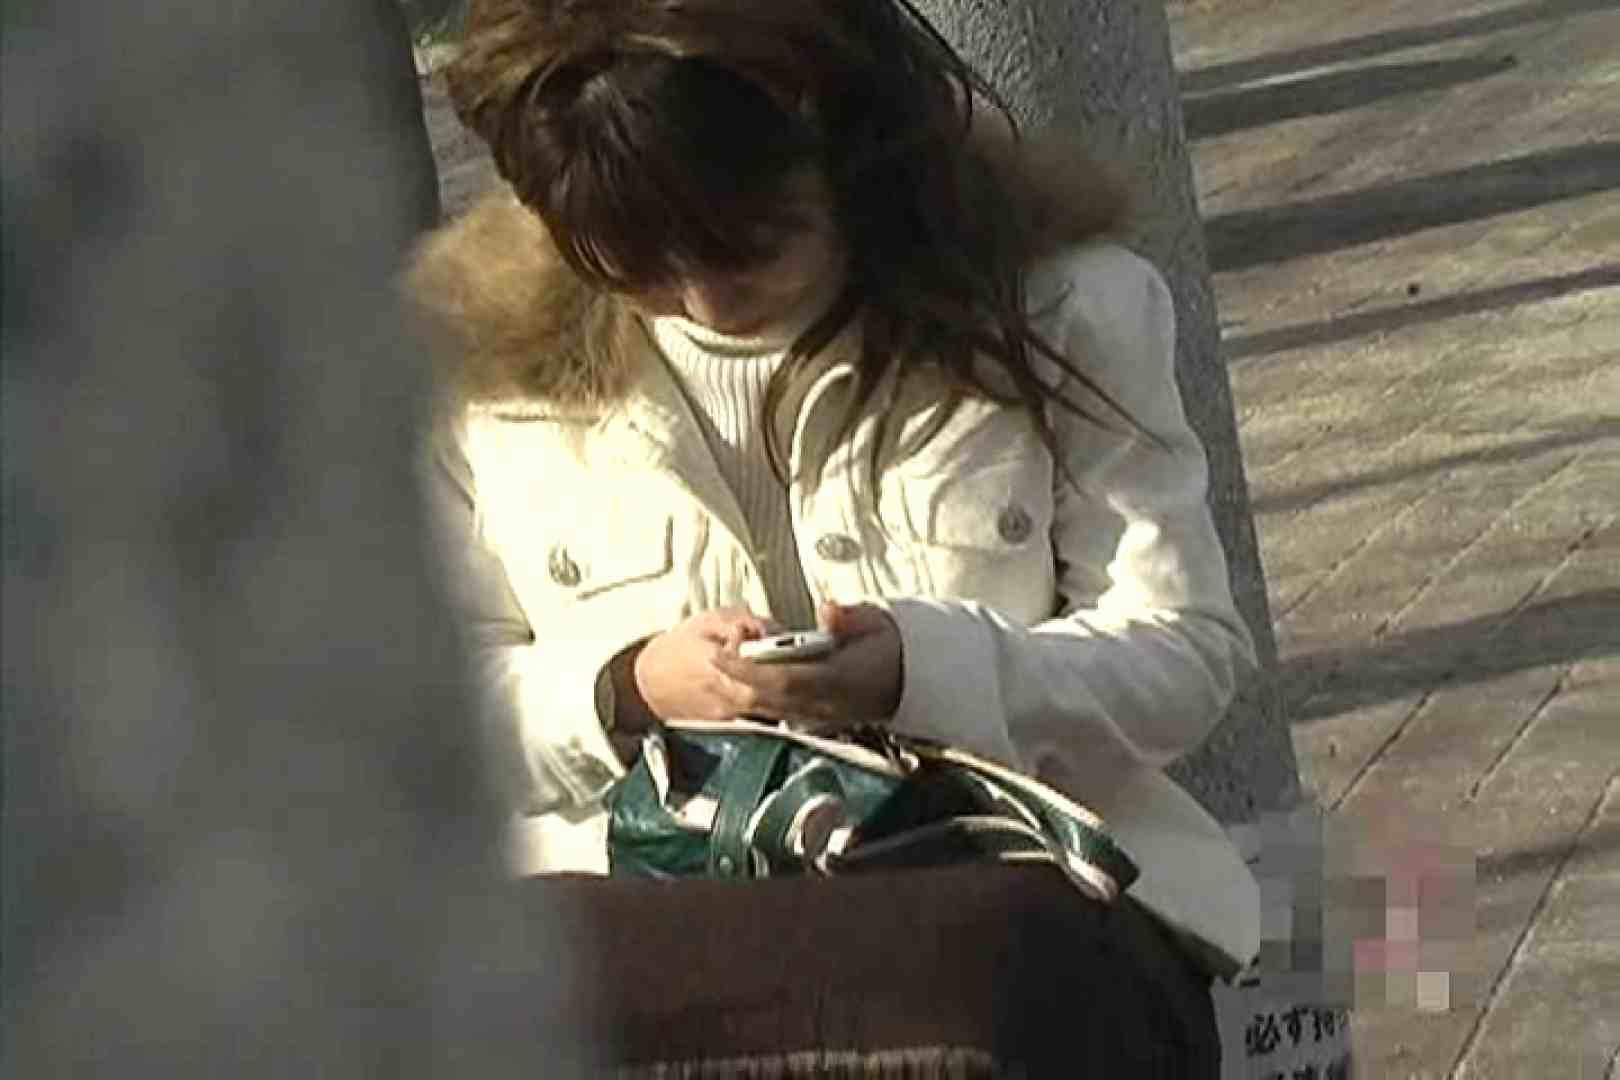 マンチラインパクトVol.9 ハプニング ワレメ動画紹介 76pic 7